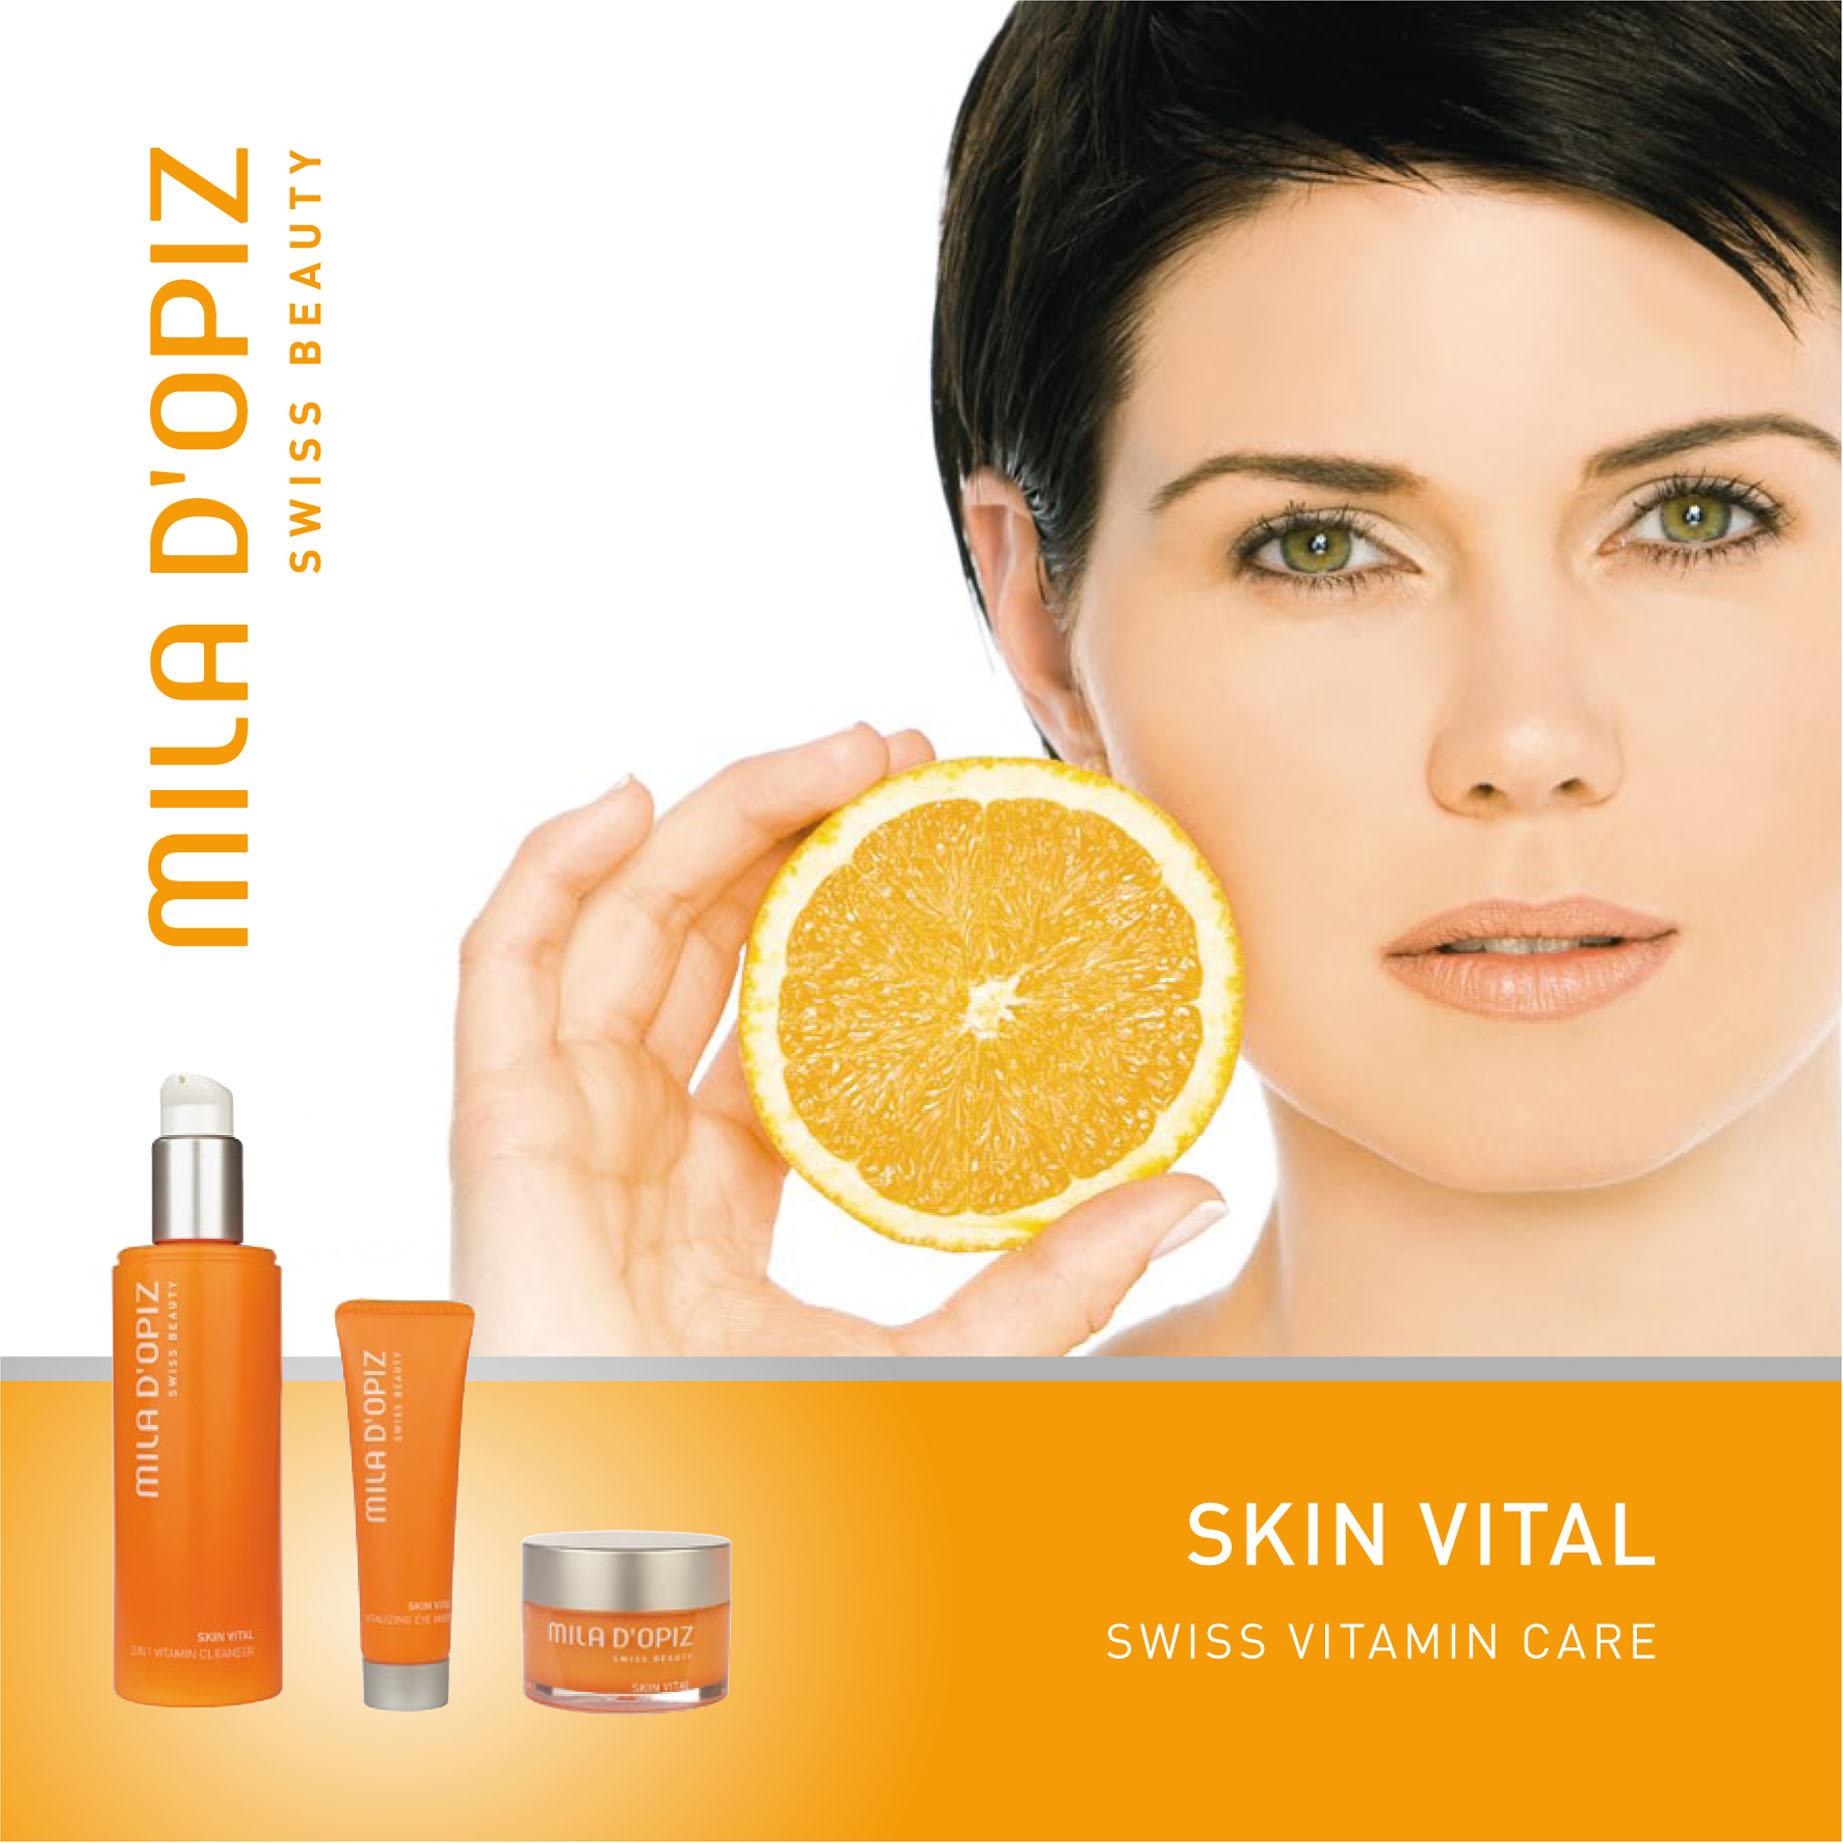 skin vital